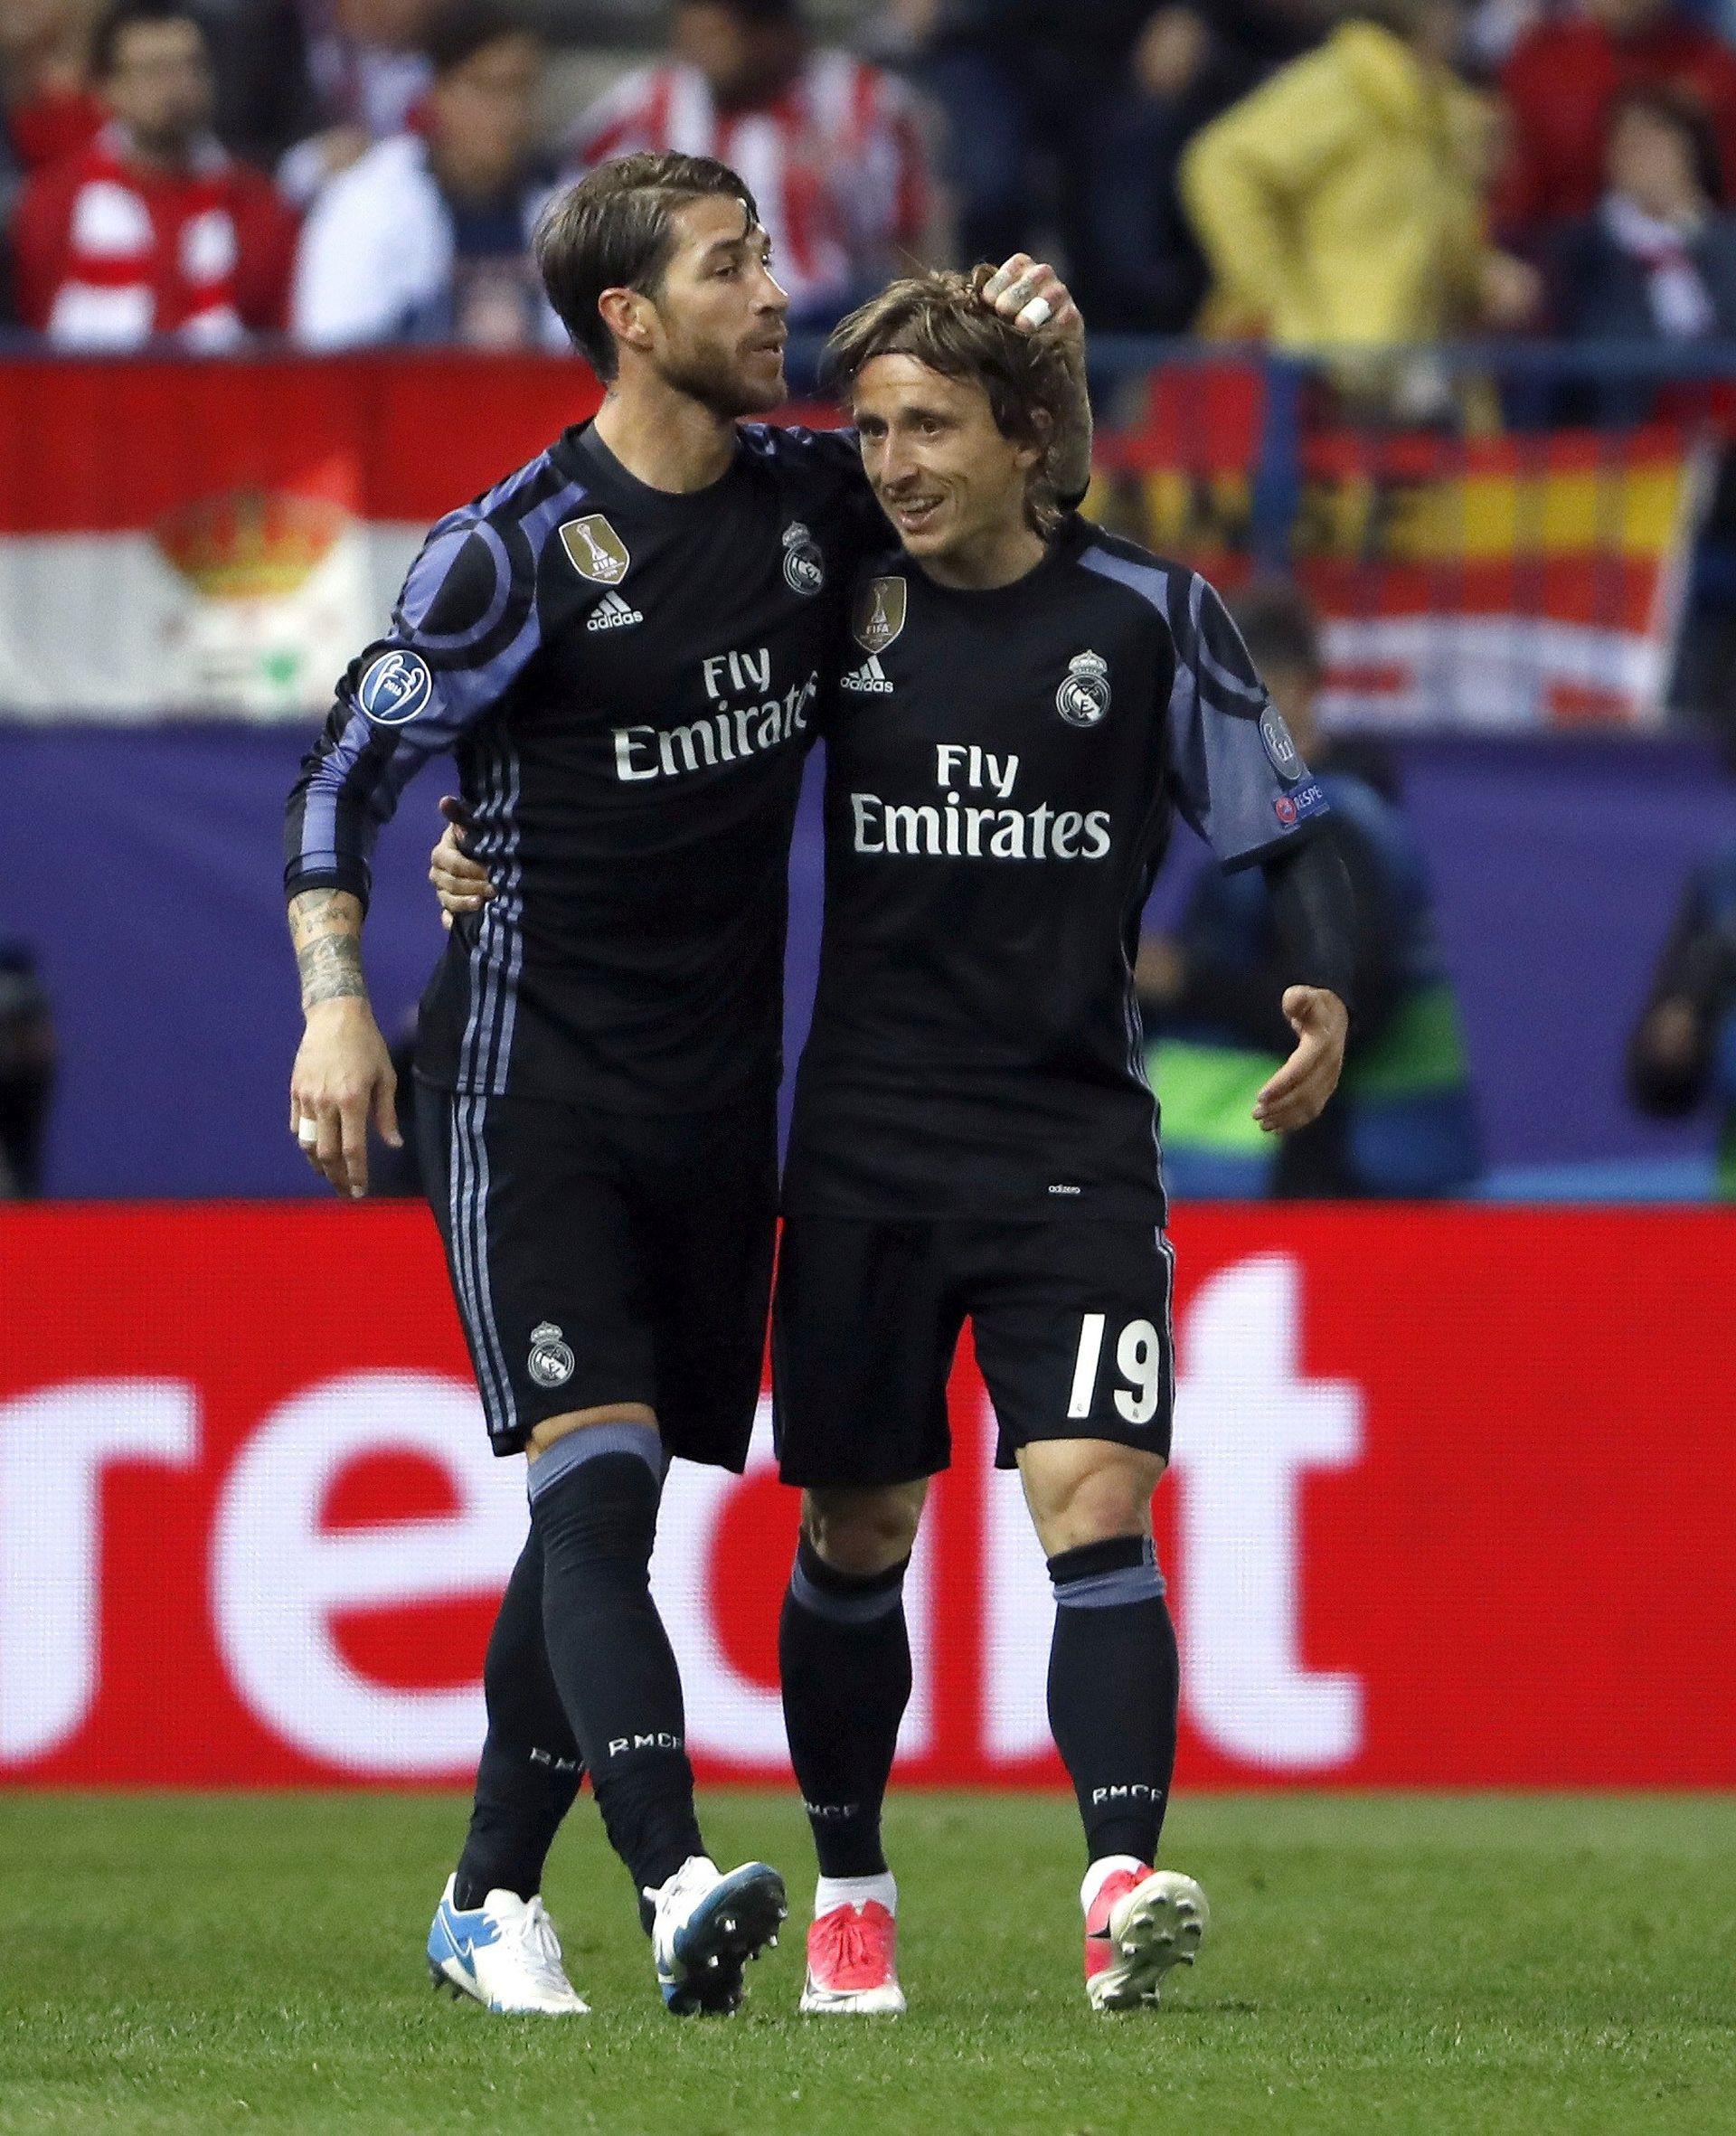 Otkrivene premije nogometašima Reala i Liverpoola